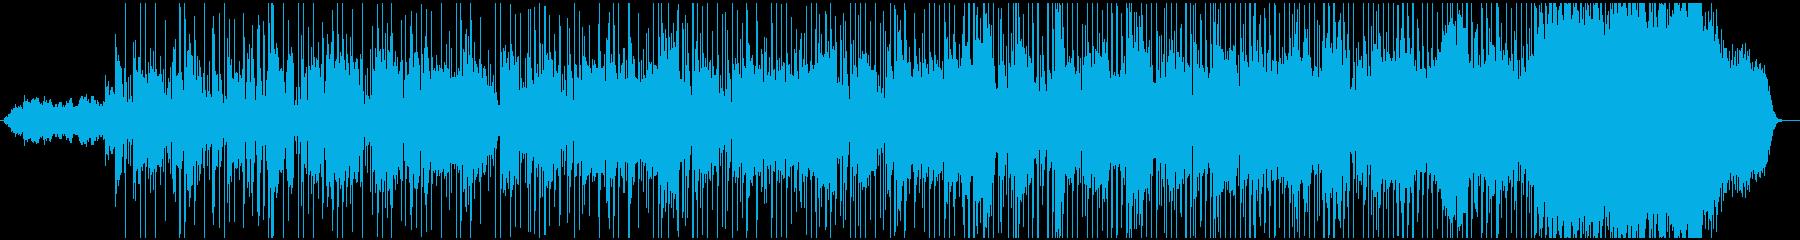 印象的なピアノのメロディとソロプレイの再生済みの波形